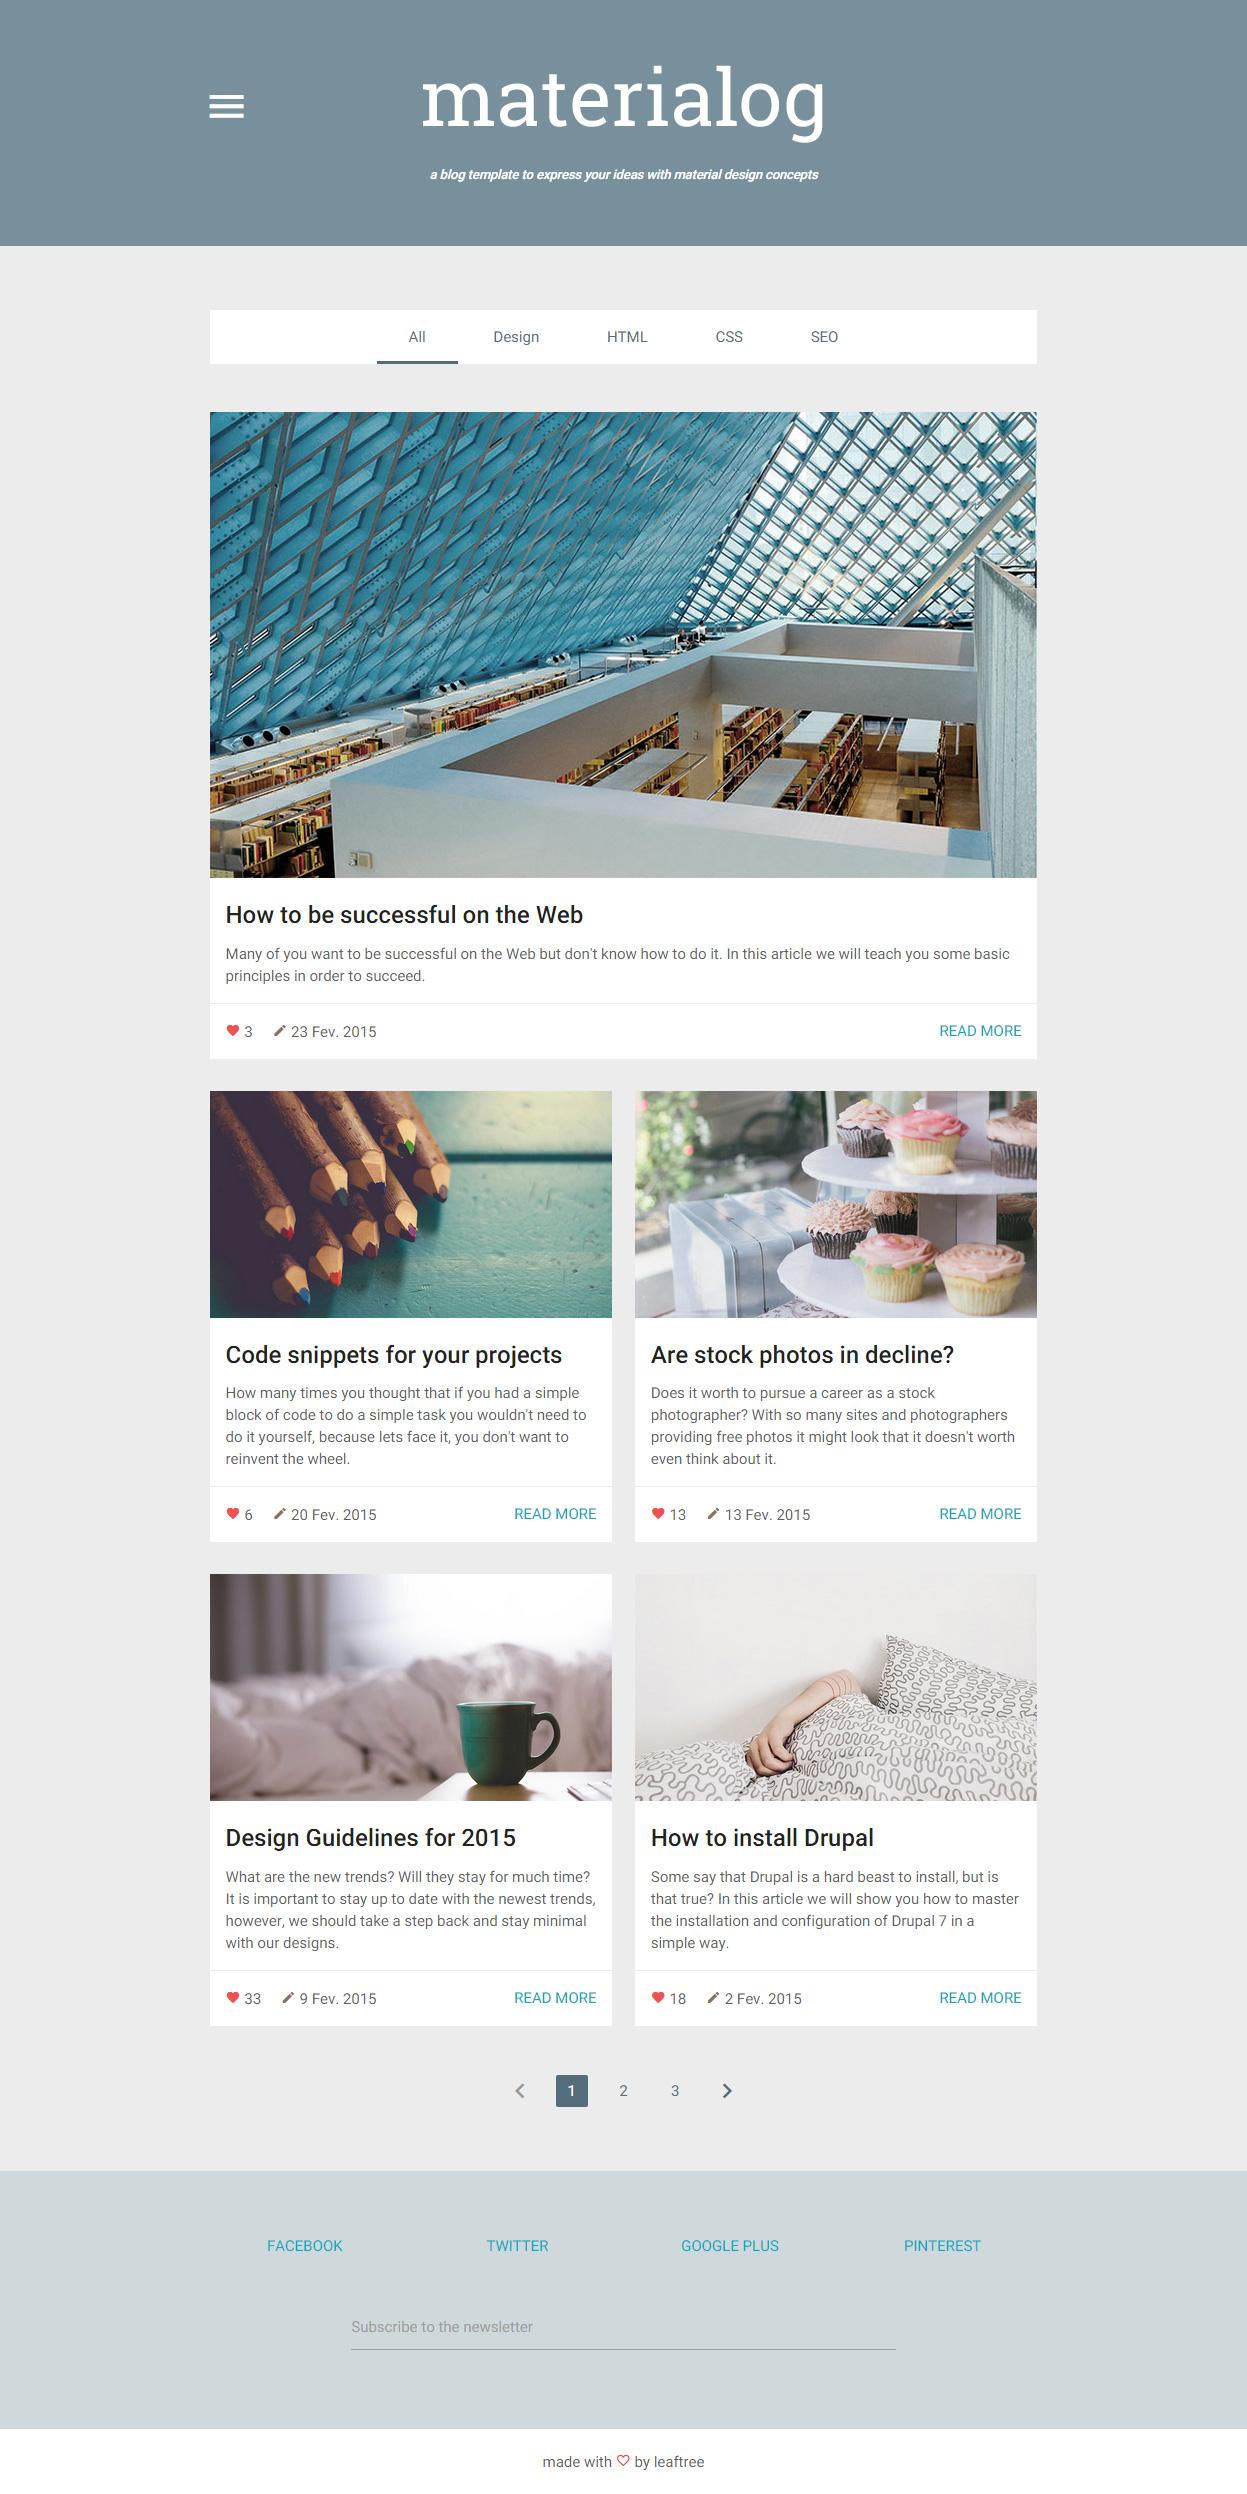 materialog - Premium Responsive Material Design HTML5 Template